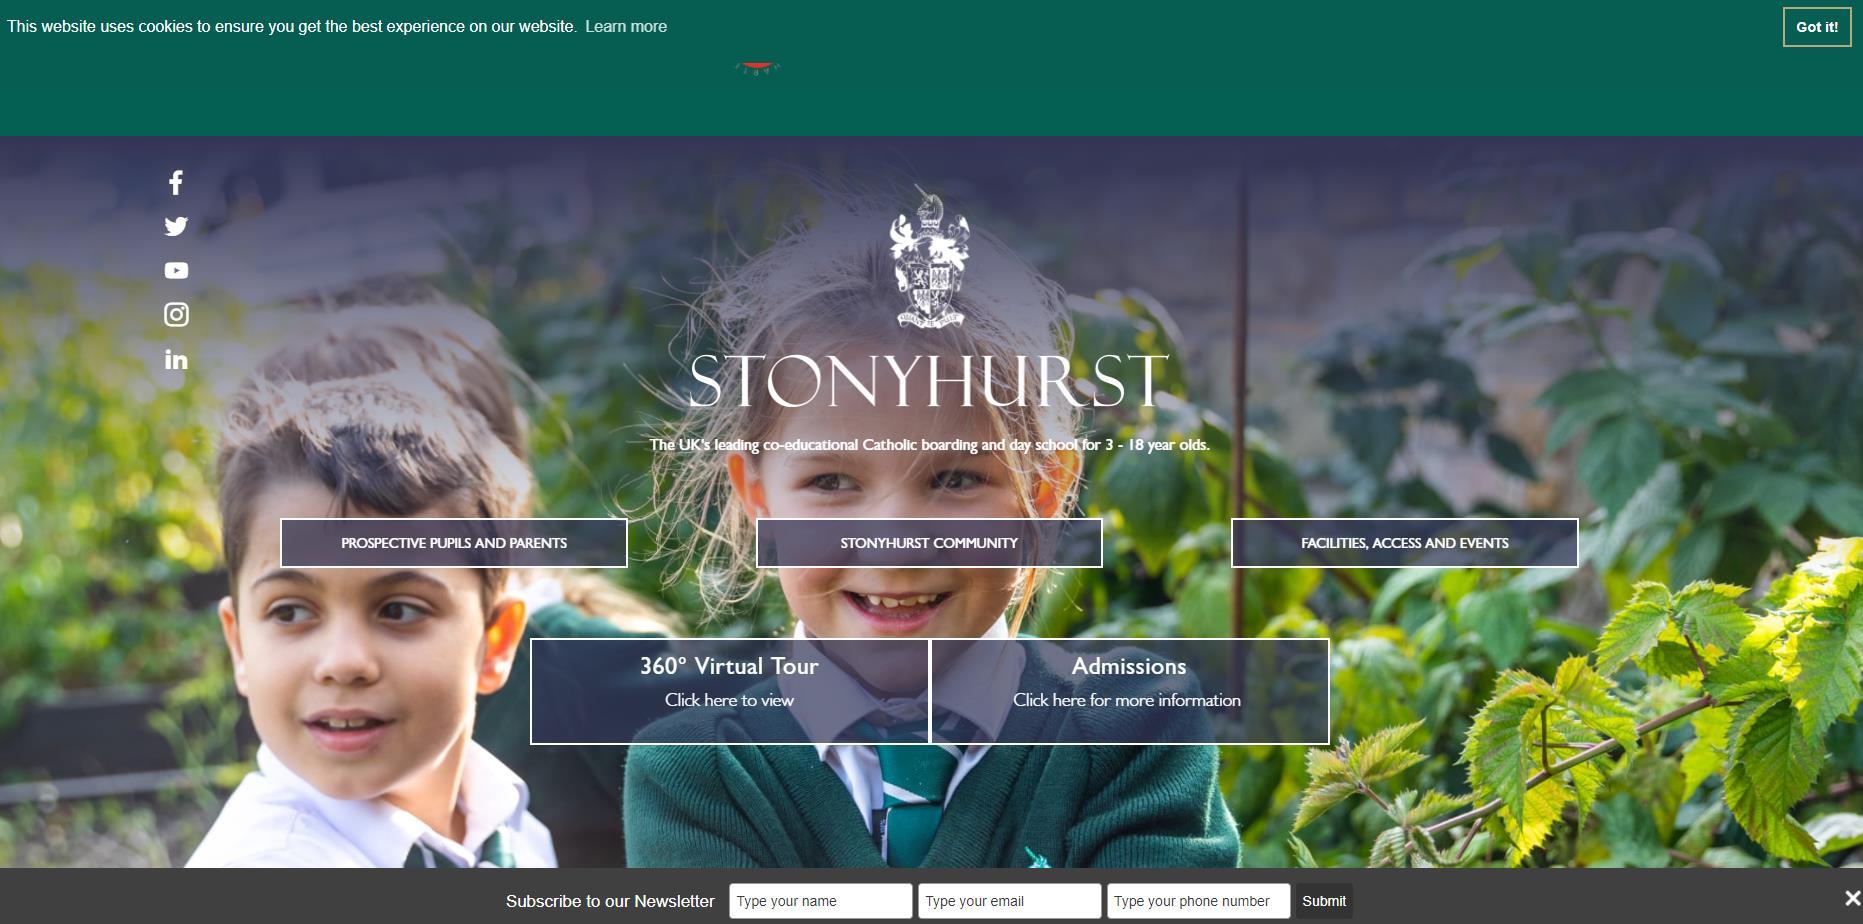 斯托尼赫斯特学院官网 Stonyhurst英国私立中学